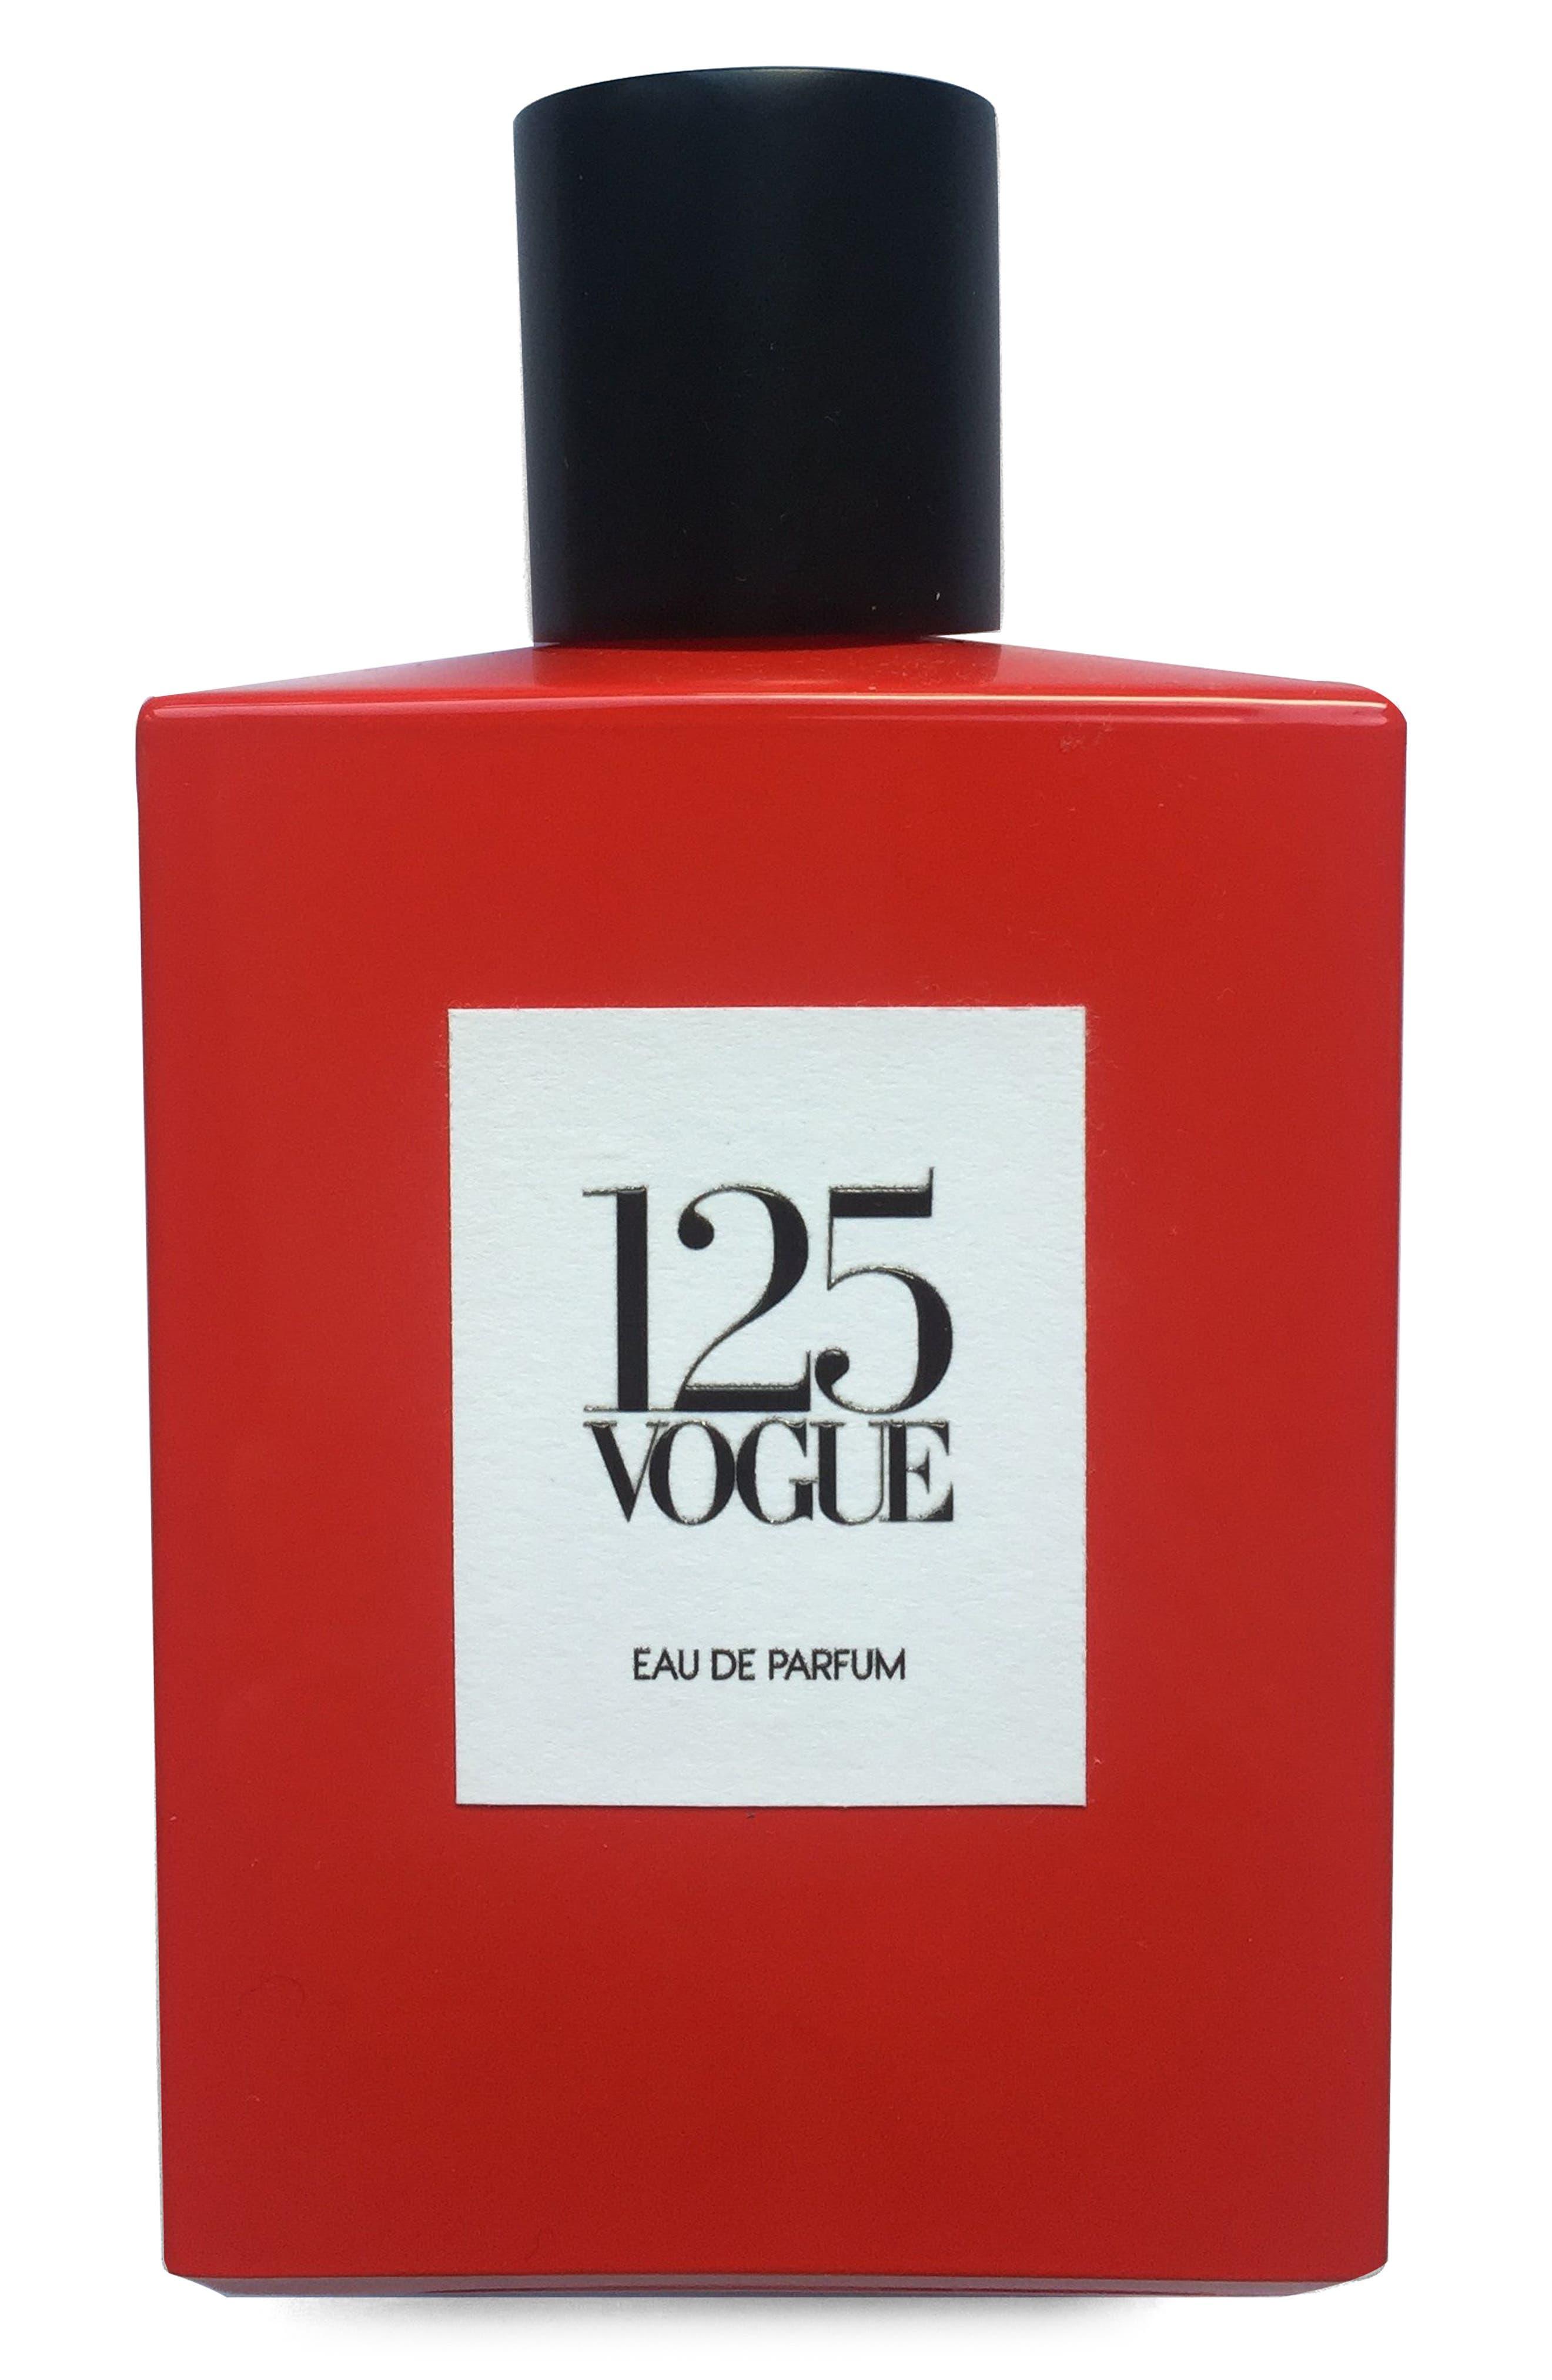 125 Vogue Eau de Parfum,                         Main,                         color, Red